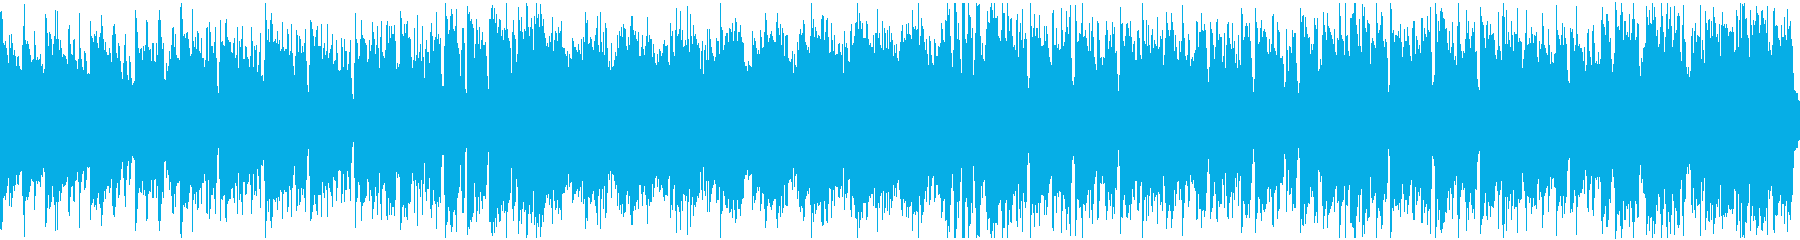 さわやかなケルト曲・ループの再生済みの波形